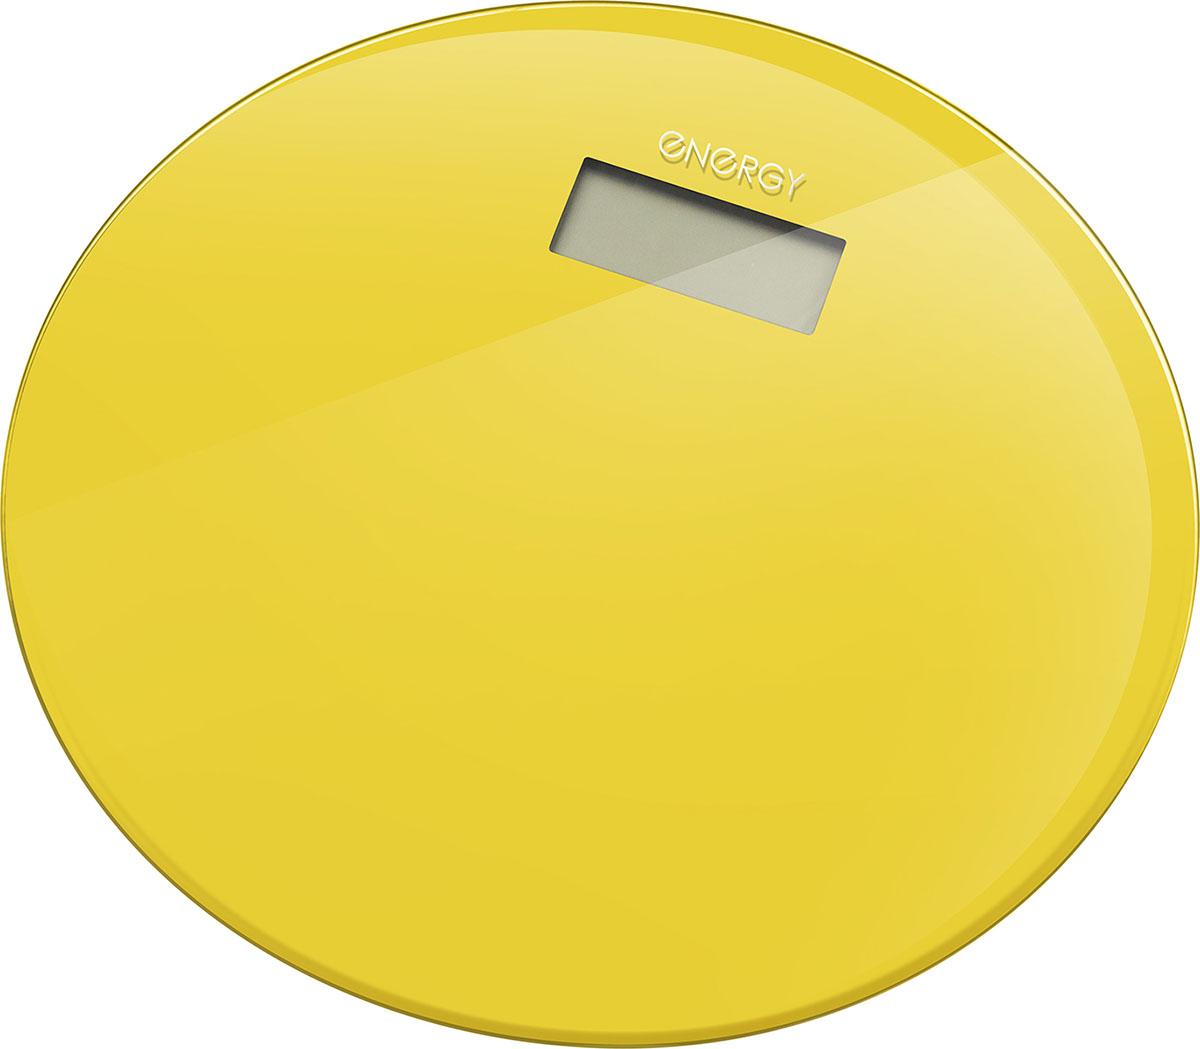 Energy EN-420 RIO, Yellow напольные весы54 003494Напольные электронные весы Energy EN-420 RIO - неотъемлемый атрибут здорового образа жизни. Они необходимы тем, кто следит за своим здоровьем, весом, ведет активный образ жизни, занимается спортом и фитнесом. Очень удобны для будущих мам, постоянно контролирующих прибавку в весе, также рекомендуются родителям, внимательно следящим за весом своих детей.